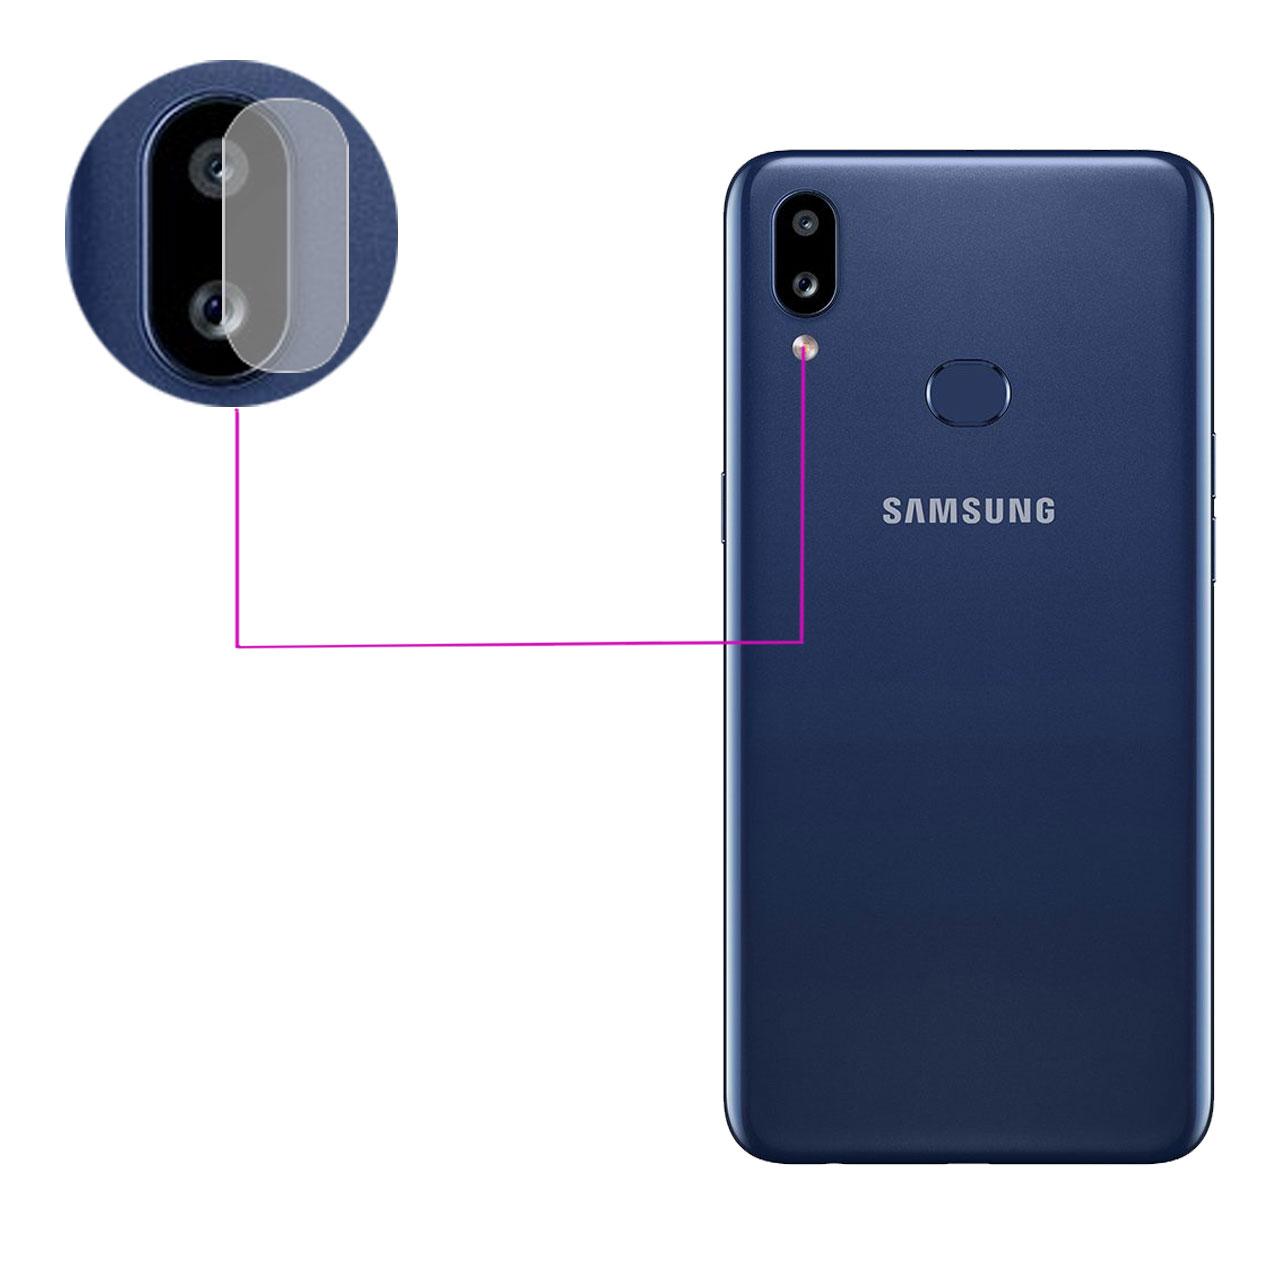 محافظ لنز دوربین مدل LTP مناسب برای گوشی موبایل سامسونگ Galaxy A10s              ( قیمت و خرید)